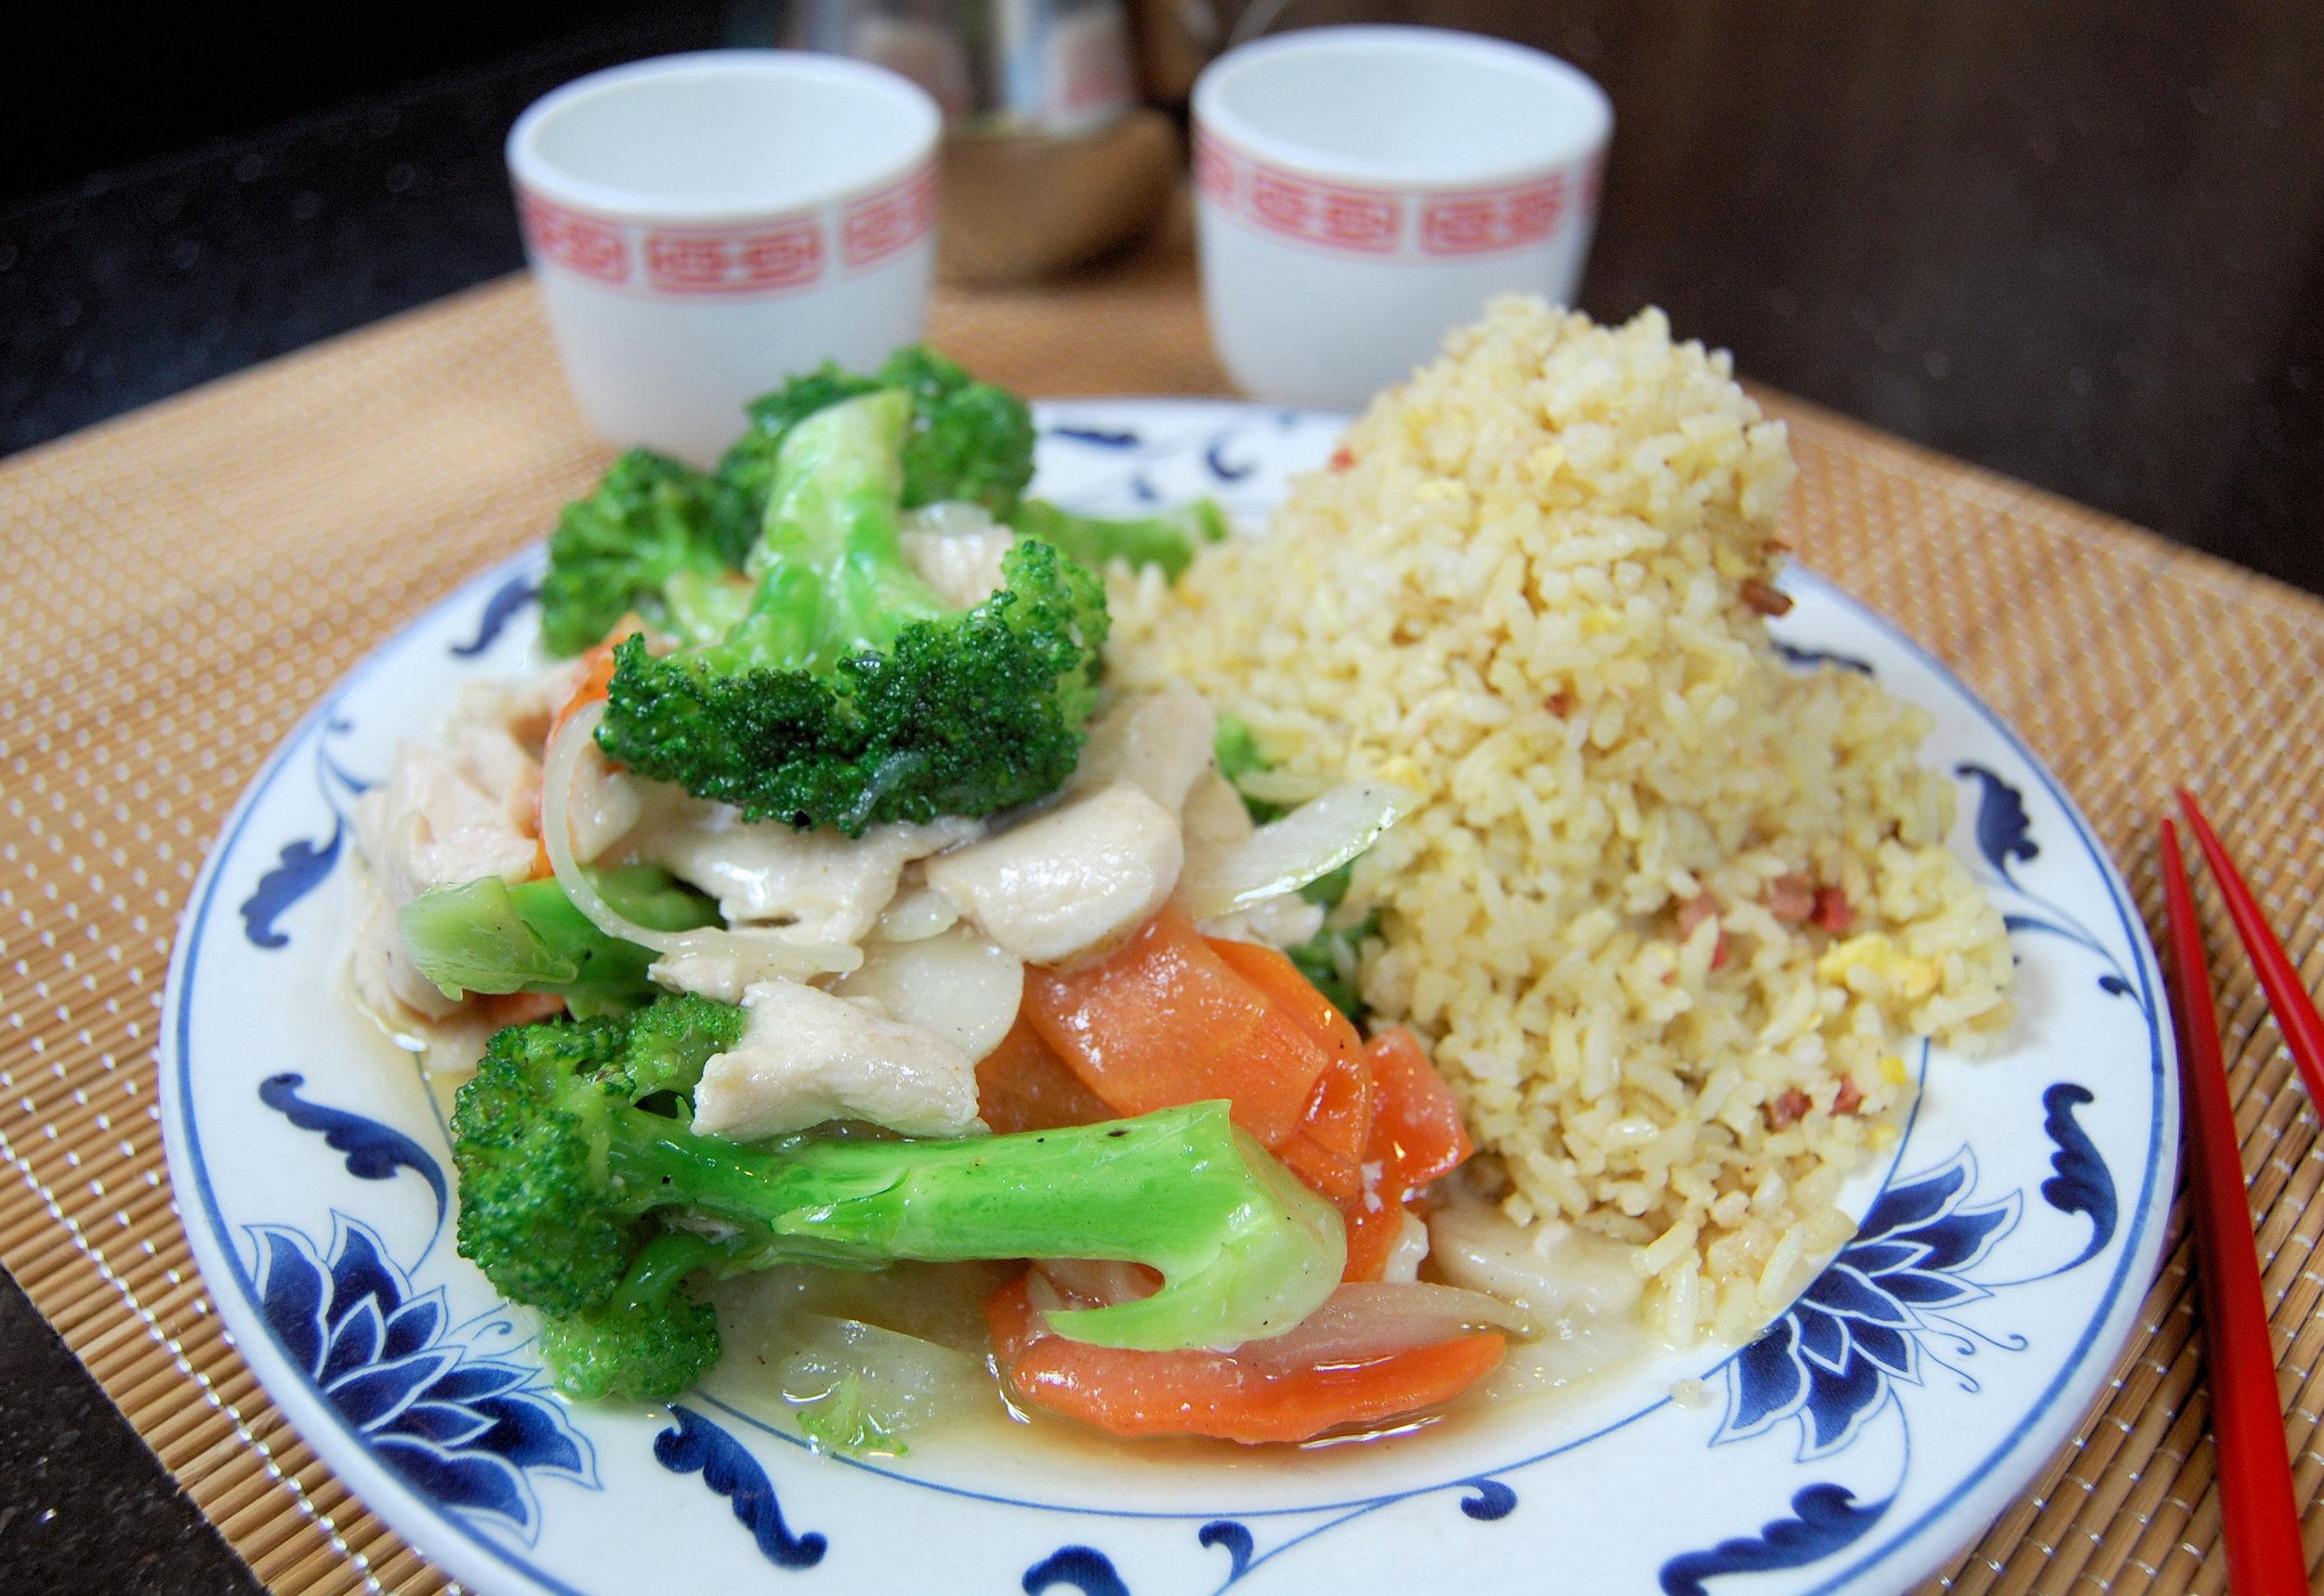 DSC_0537 Chicken with Broccoli.JPG